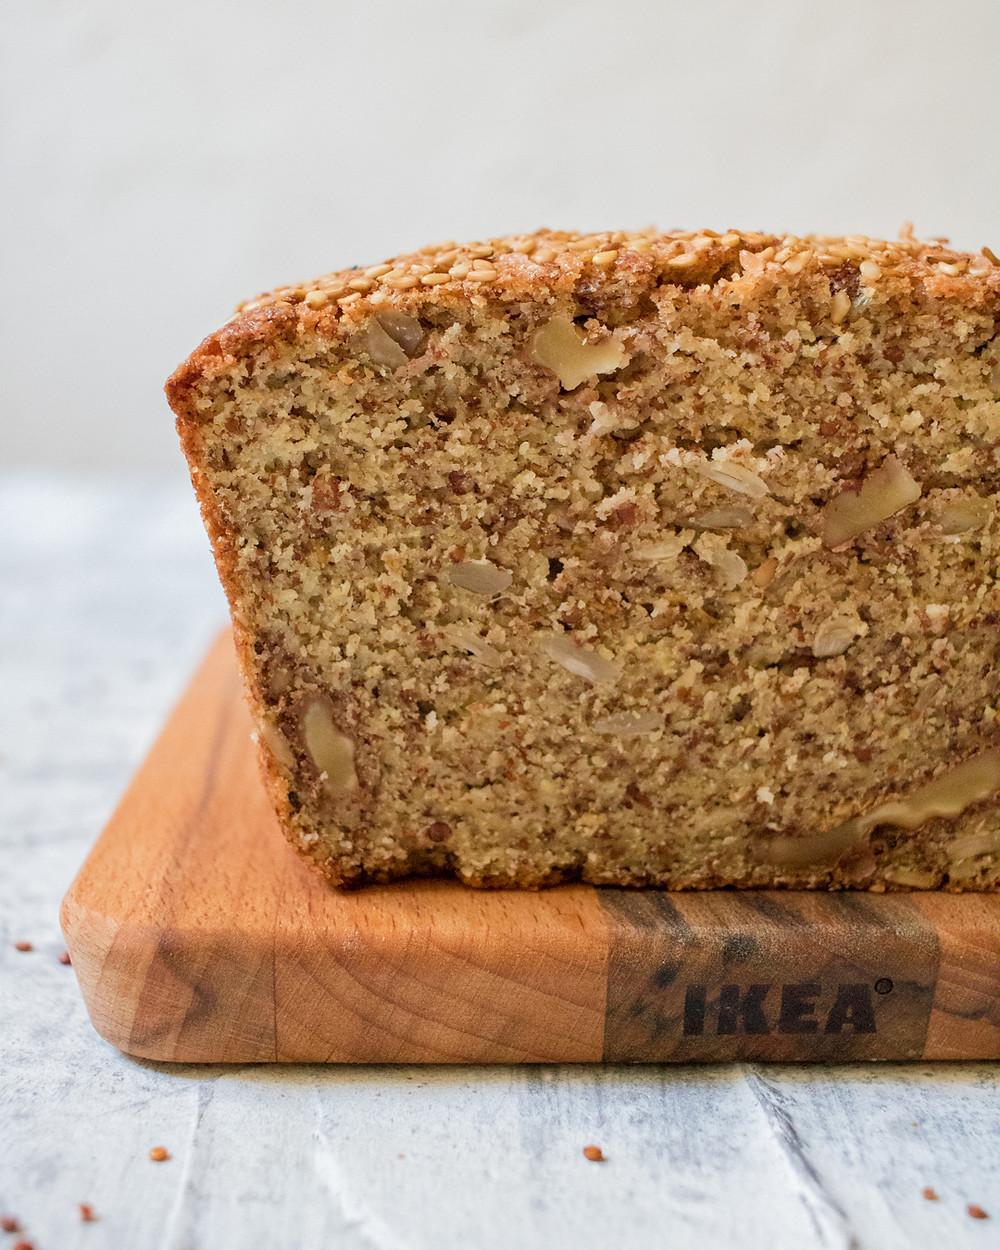 לחם חלבון טבעוני ללא גלוטן קינואה עדשים דוחן מזין בריא